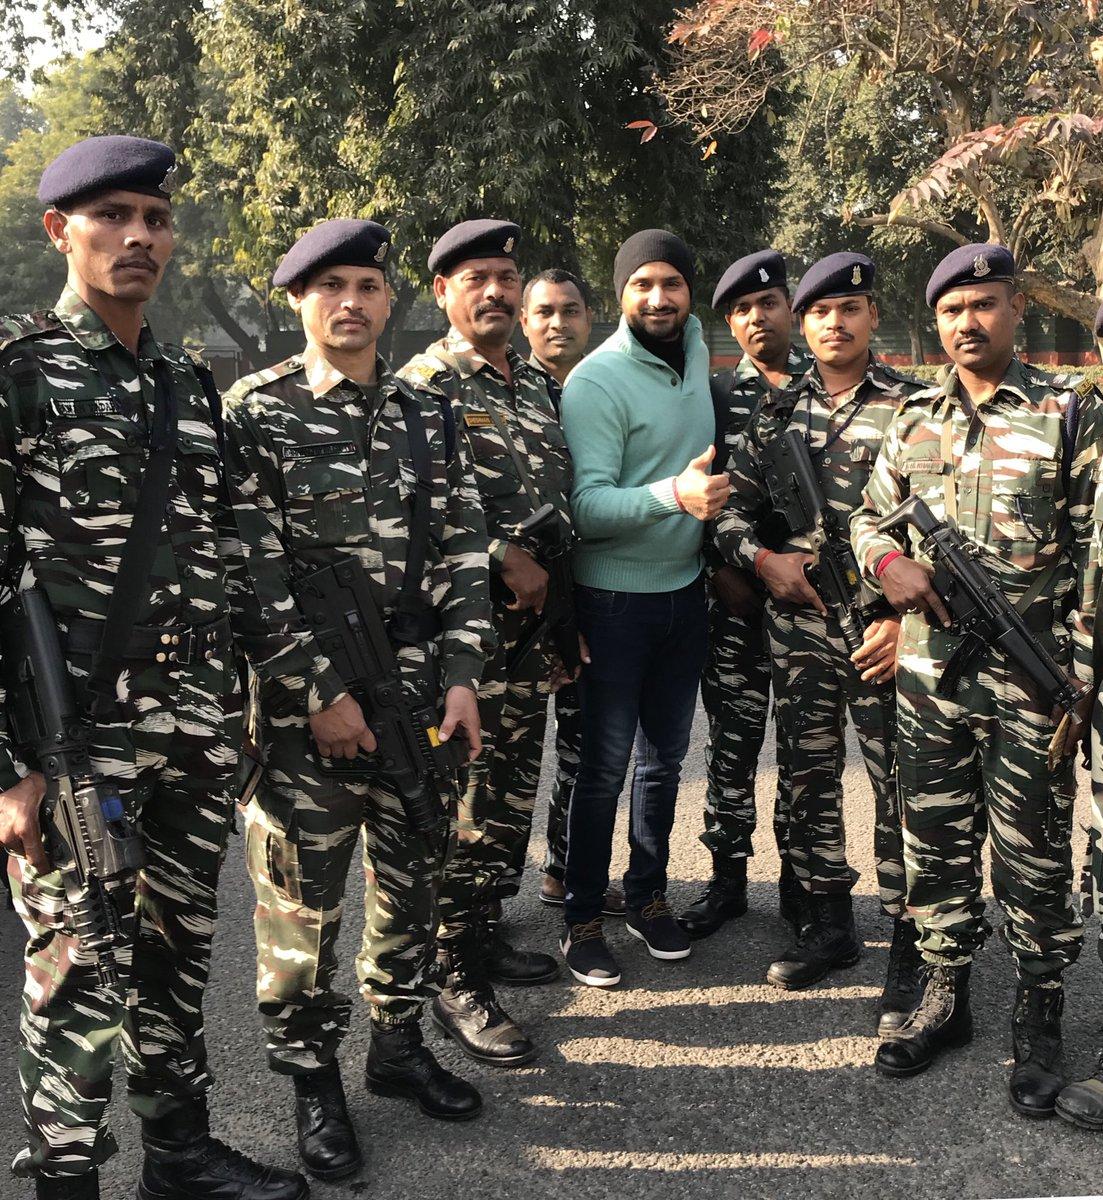 भारतीय स्पिनर हरभजन सिंह ने भारतीय सेना को पहचानने में की गलती